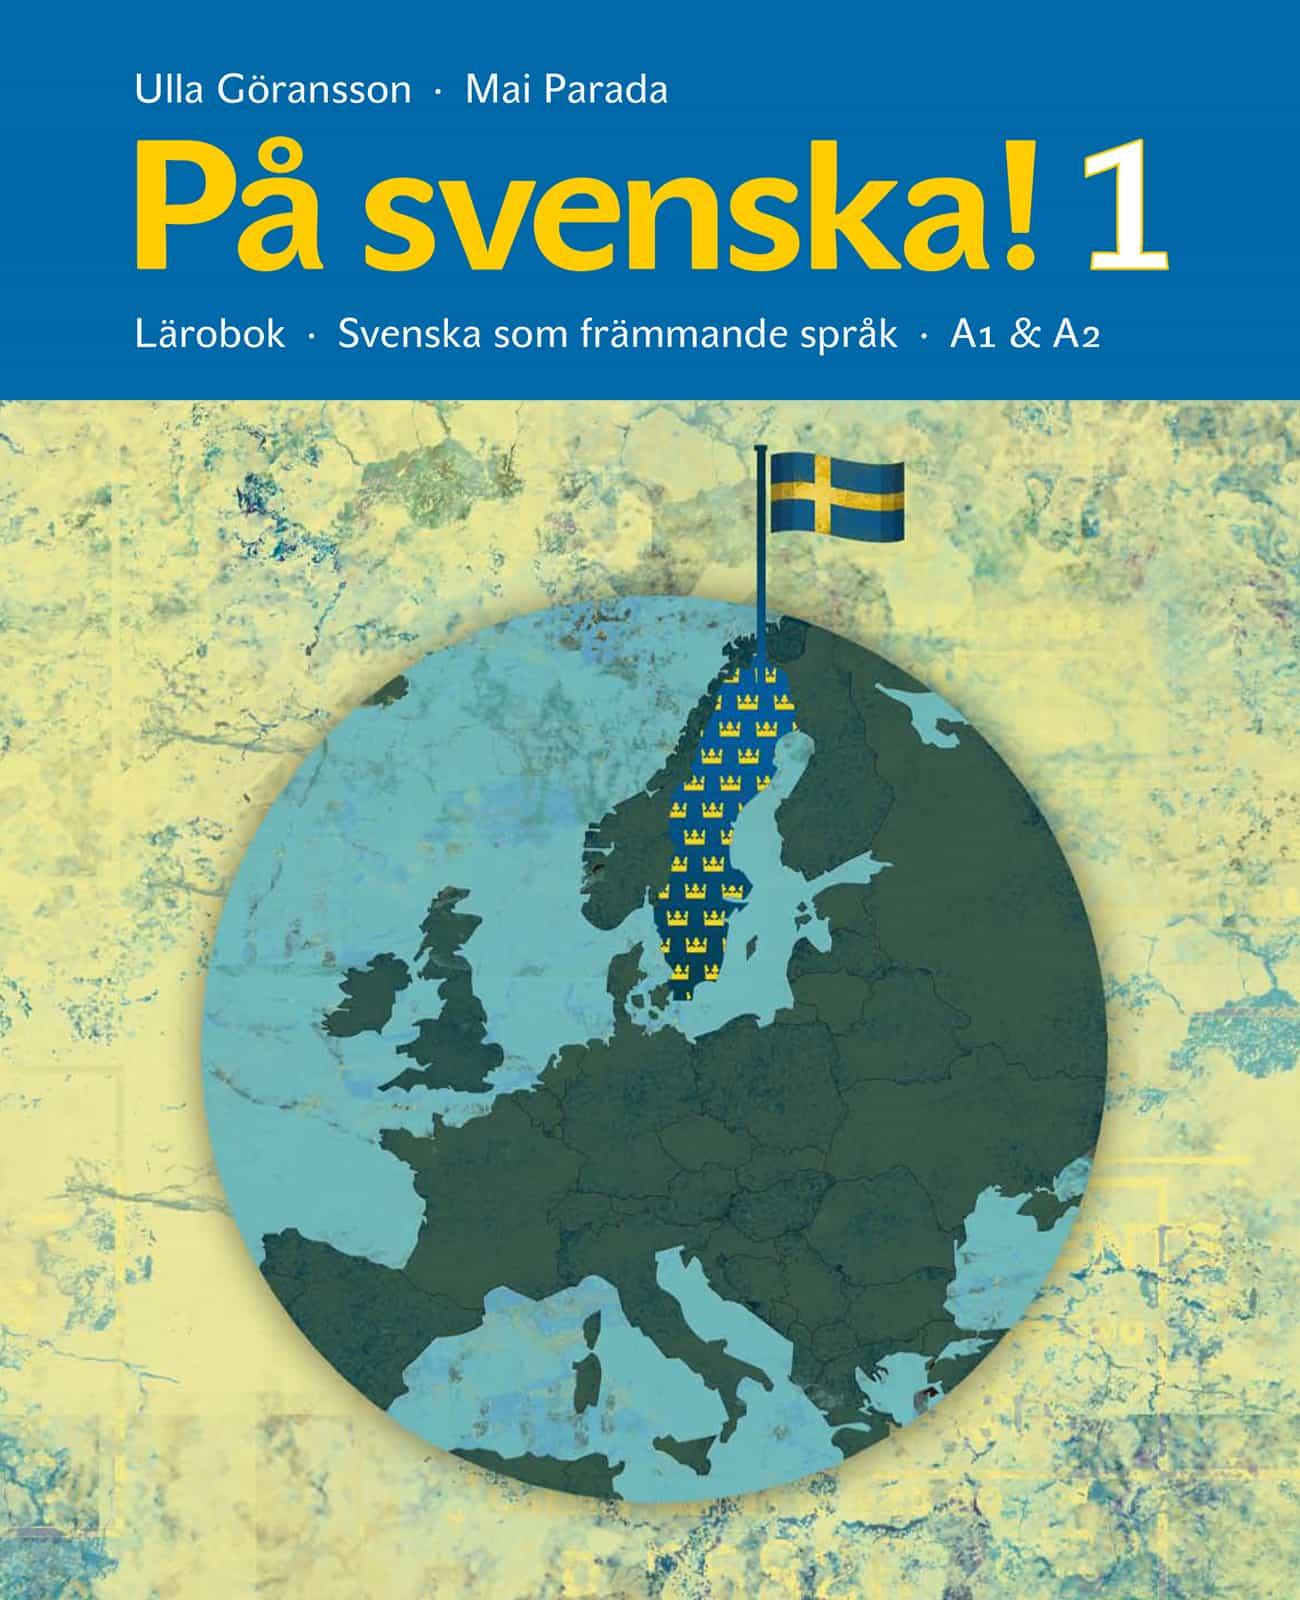 På svenska! 1 lärobok av Ulla Göransson